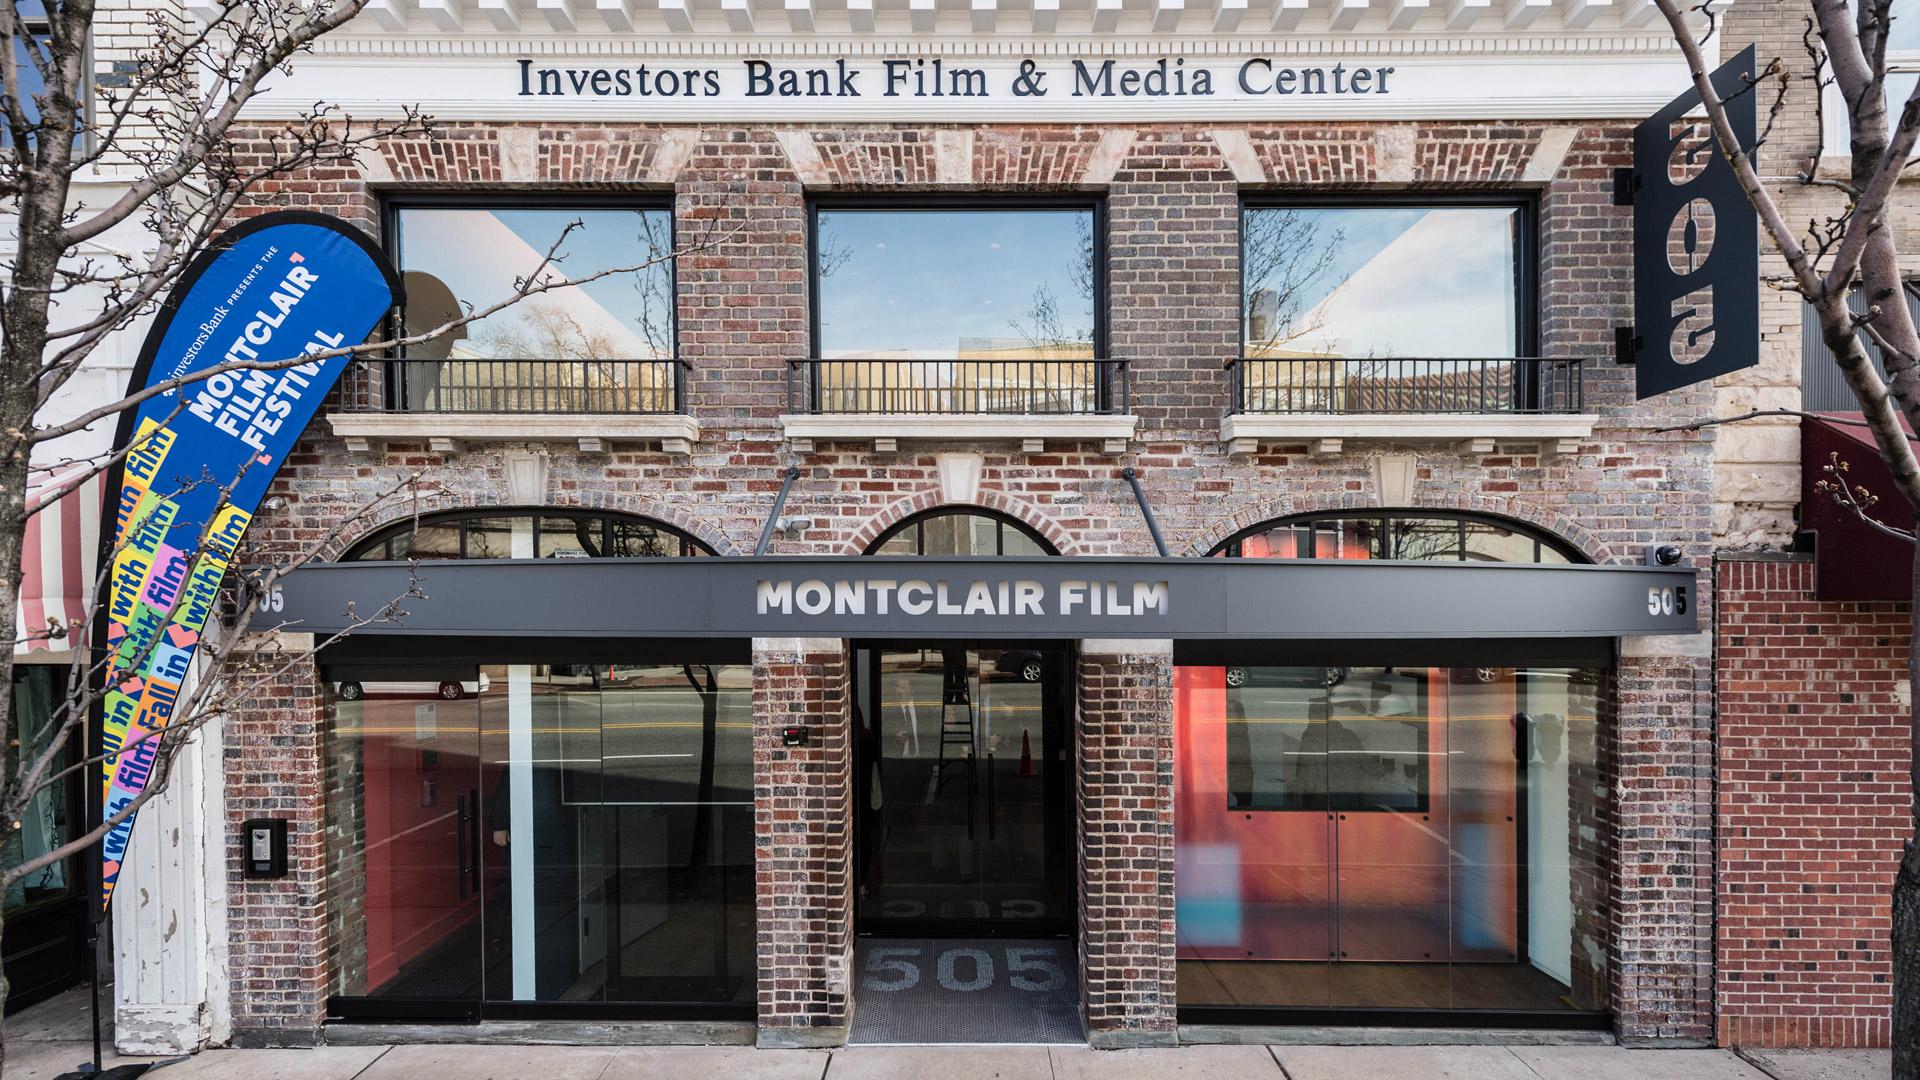 HIERONYMUS_MontclairFilm-Building